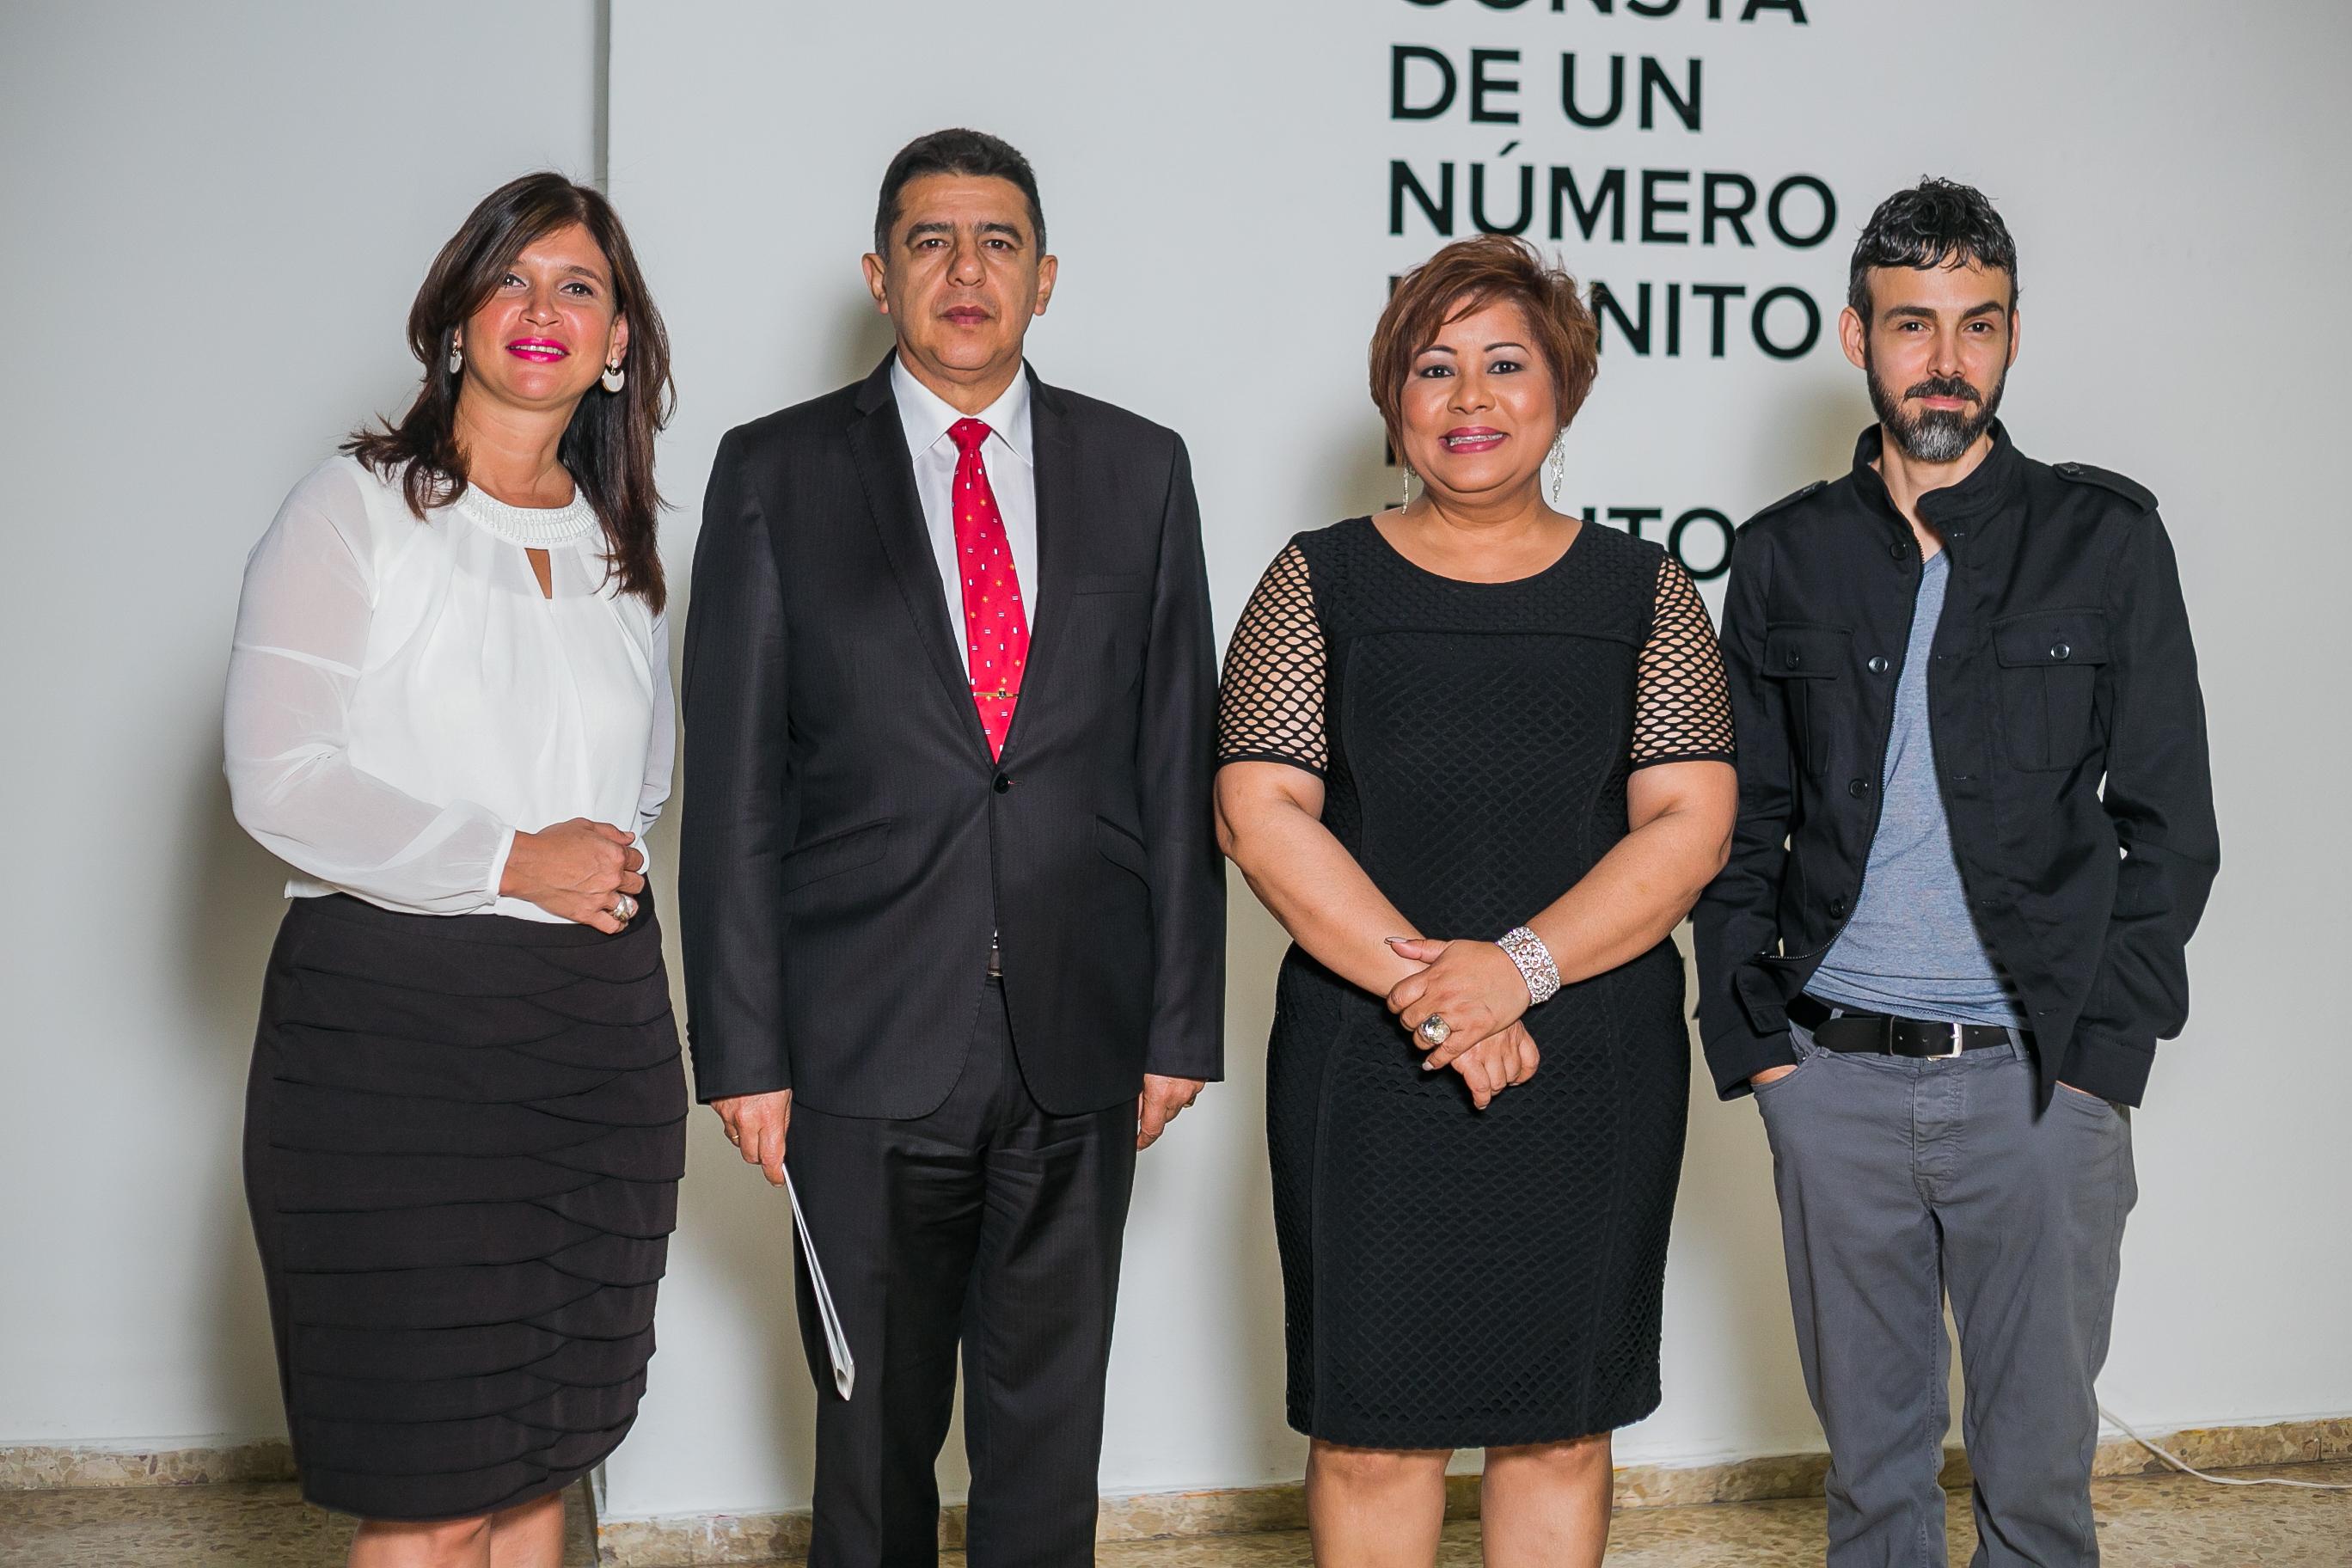 Mónika Despradel Embajador de Colombia Roberto García Márquez María Elena Ditrén y Andrés Ramírez Gaviria.